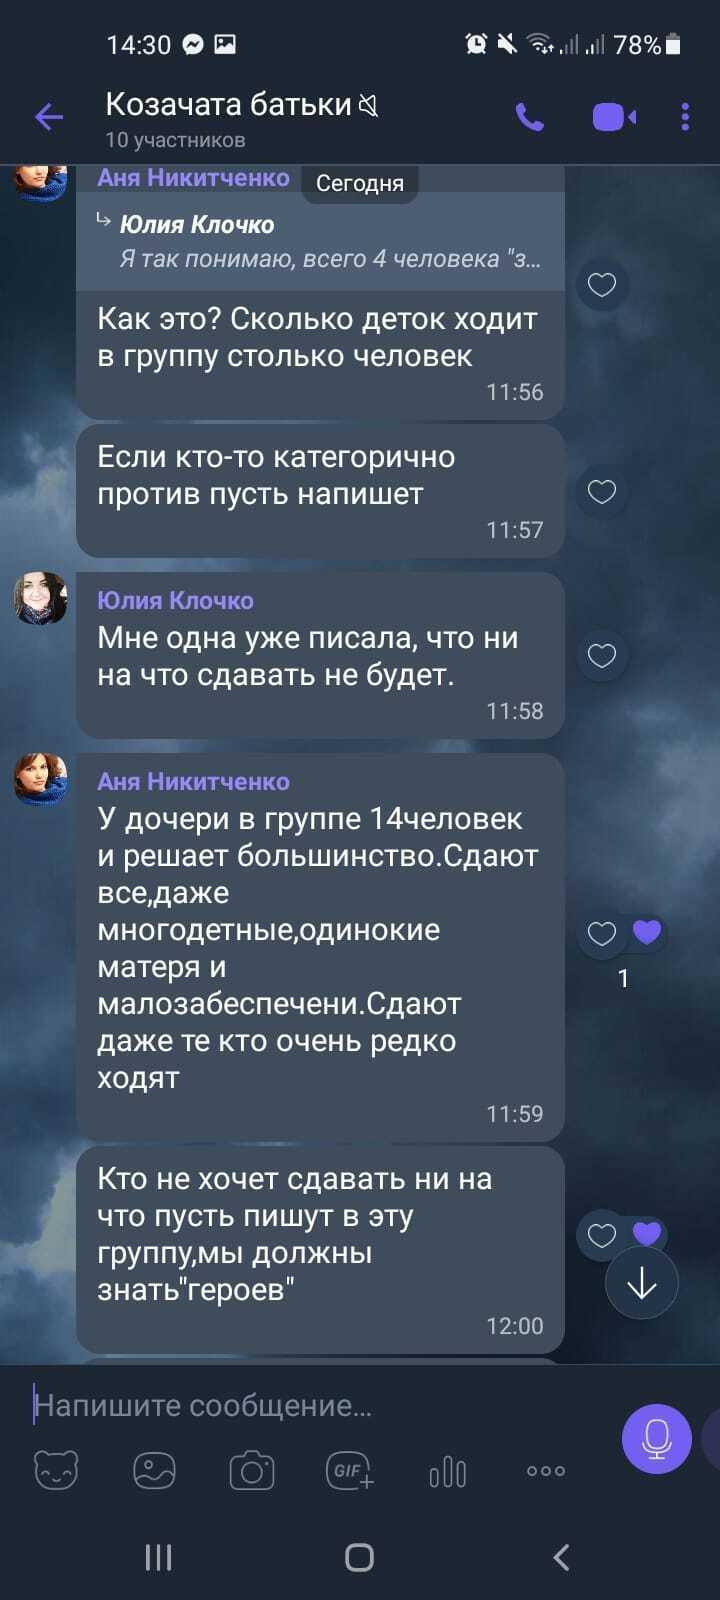 Засновниця листування Анна Нікітченко зазначила, що в групі її дочки на подарунки здають всі